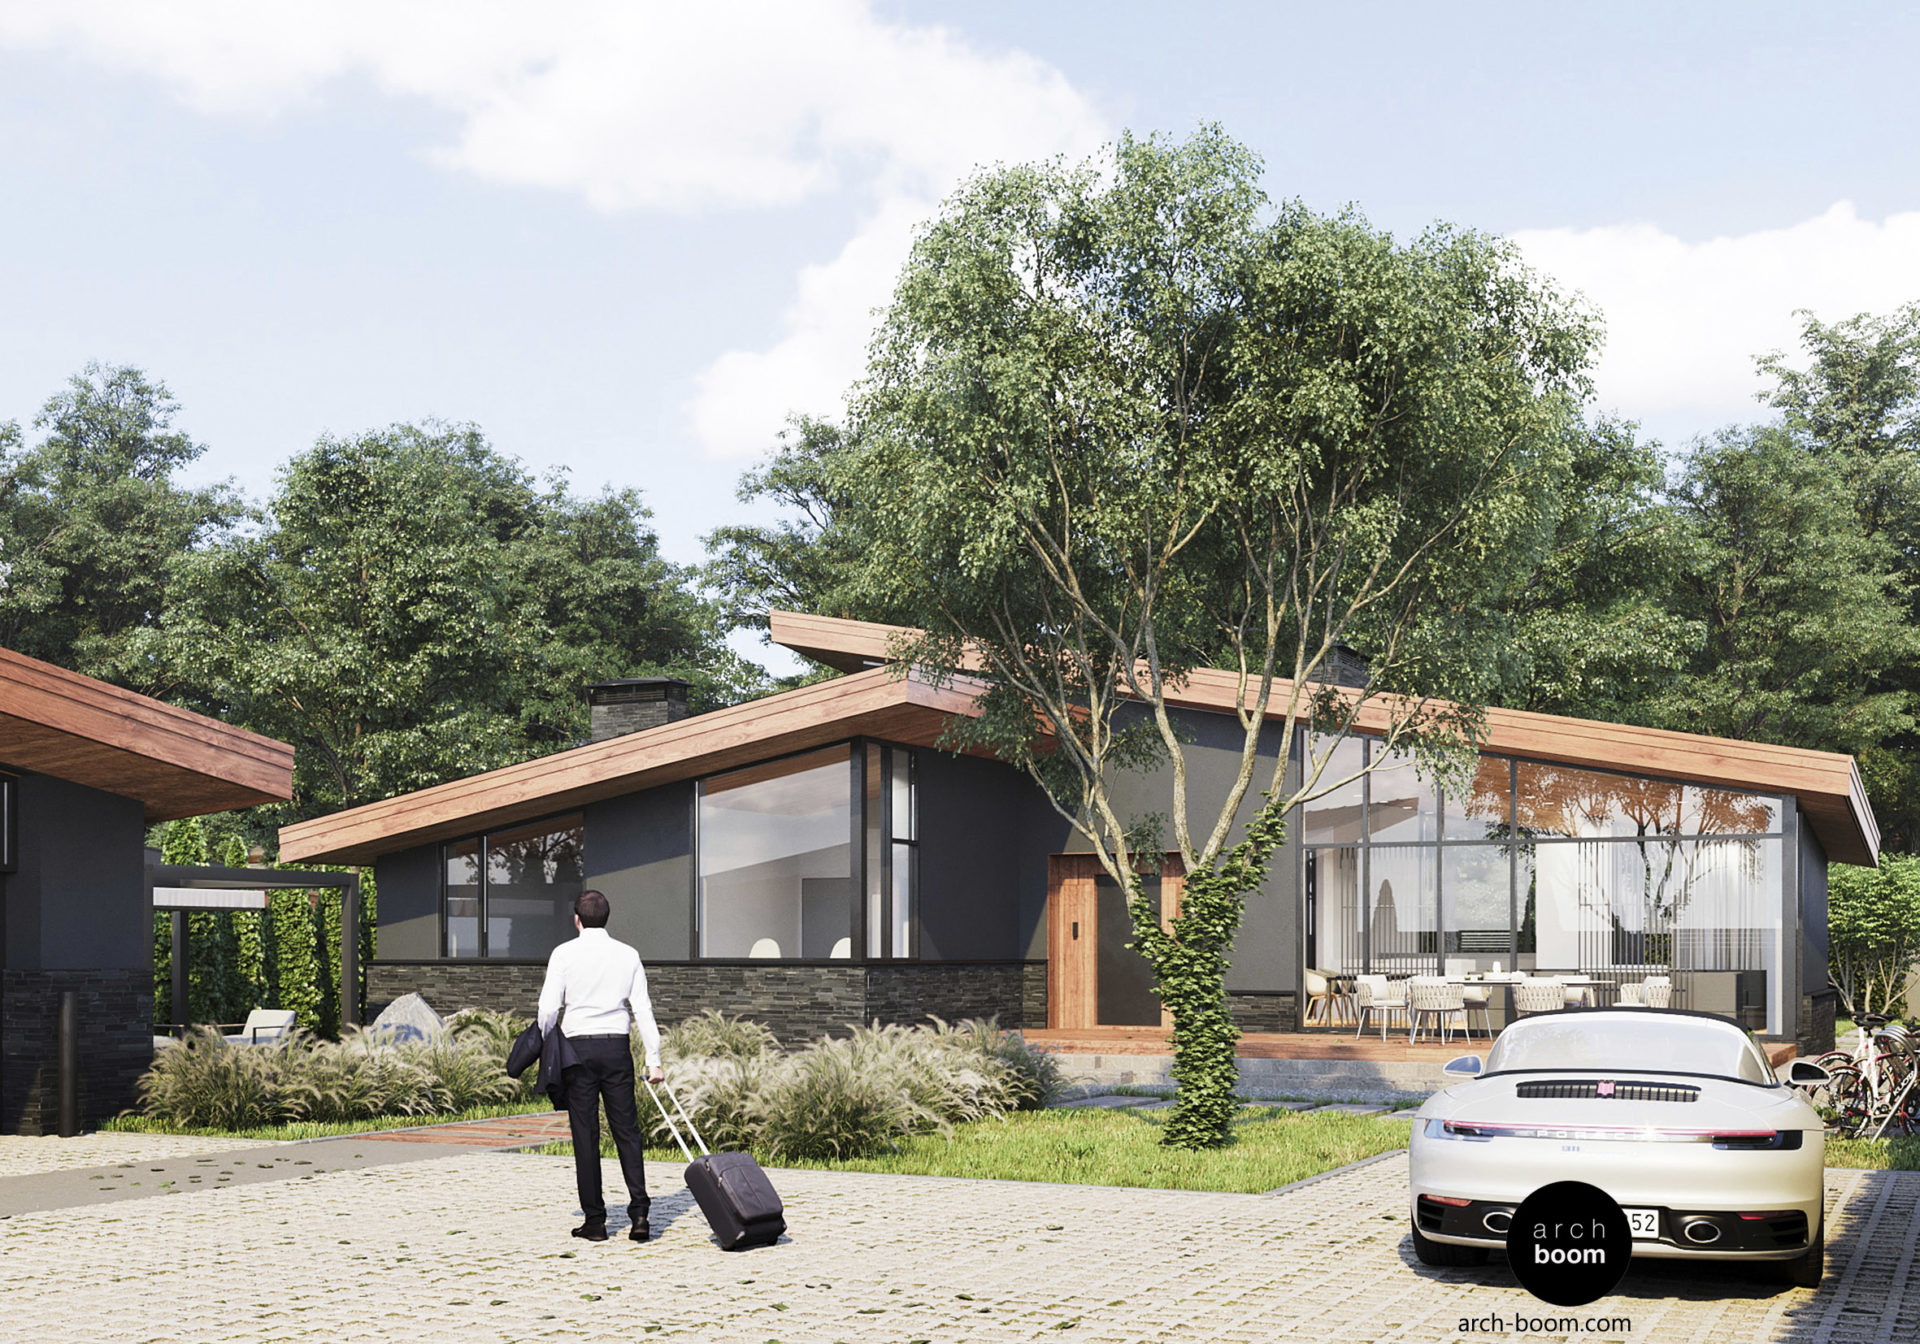 одноэтажный дом в скандинавском стиле с большими витражами и пологой крышей